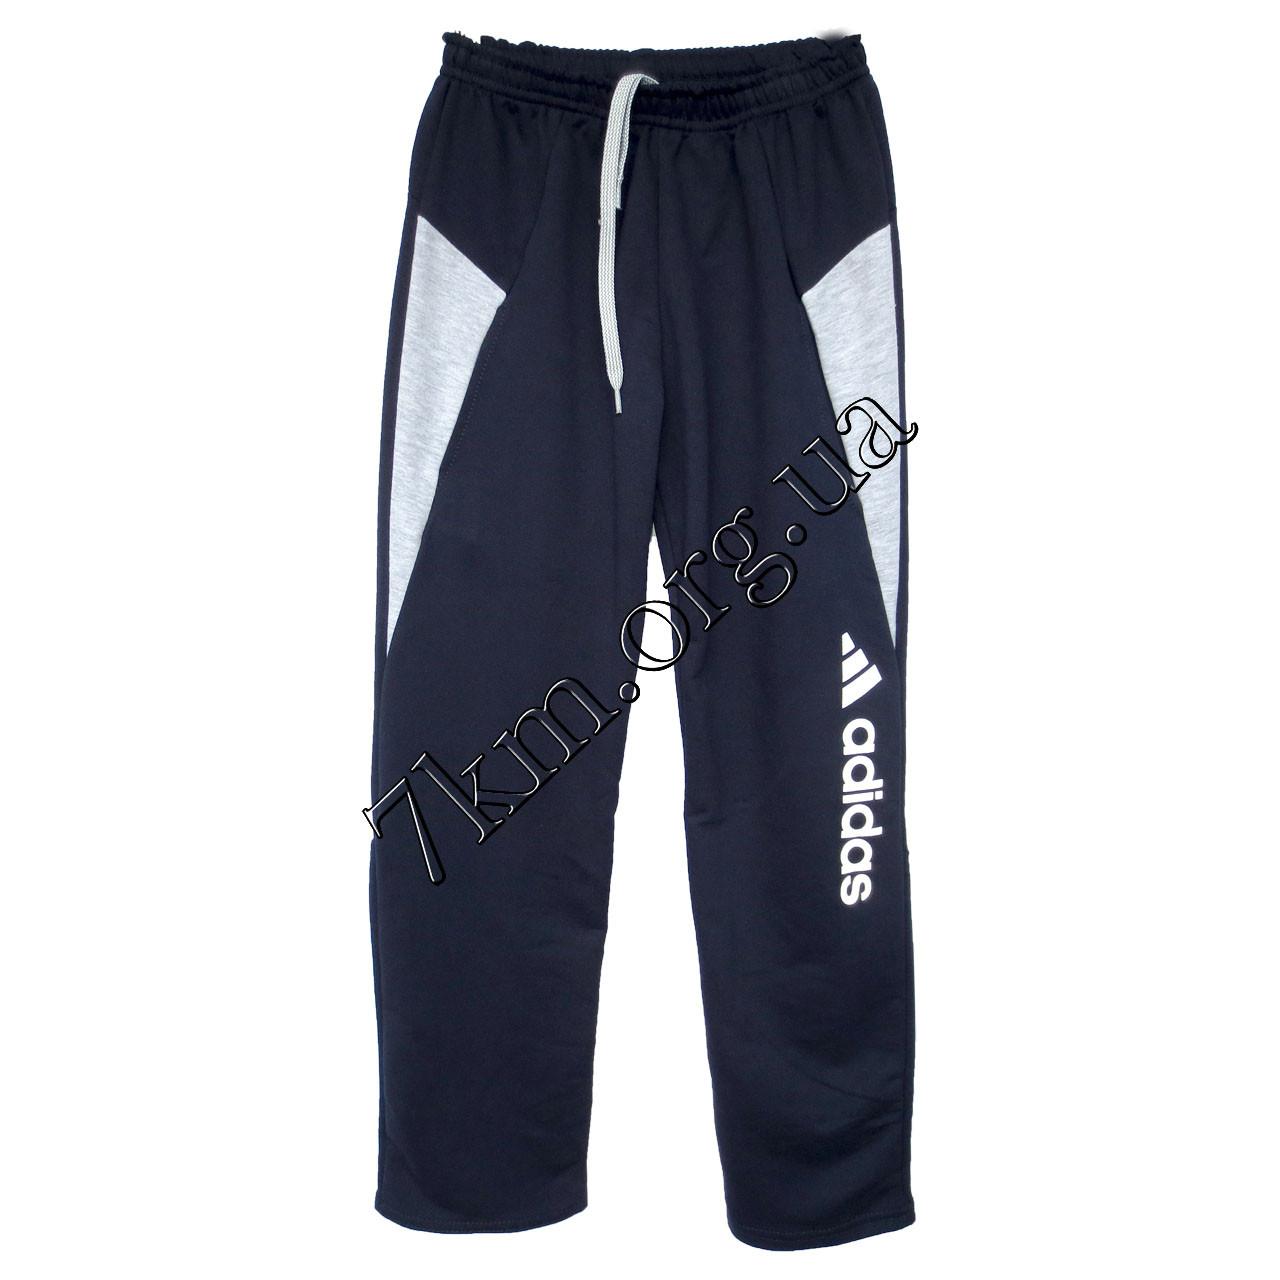 Спортивные штаны детские Реплика Adidas юниоры (10-15 лет) трикотажные Темно синие Оптом.